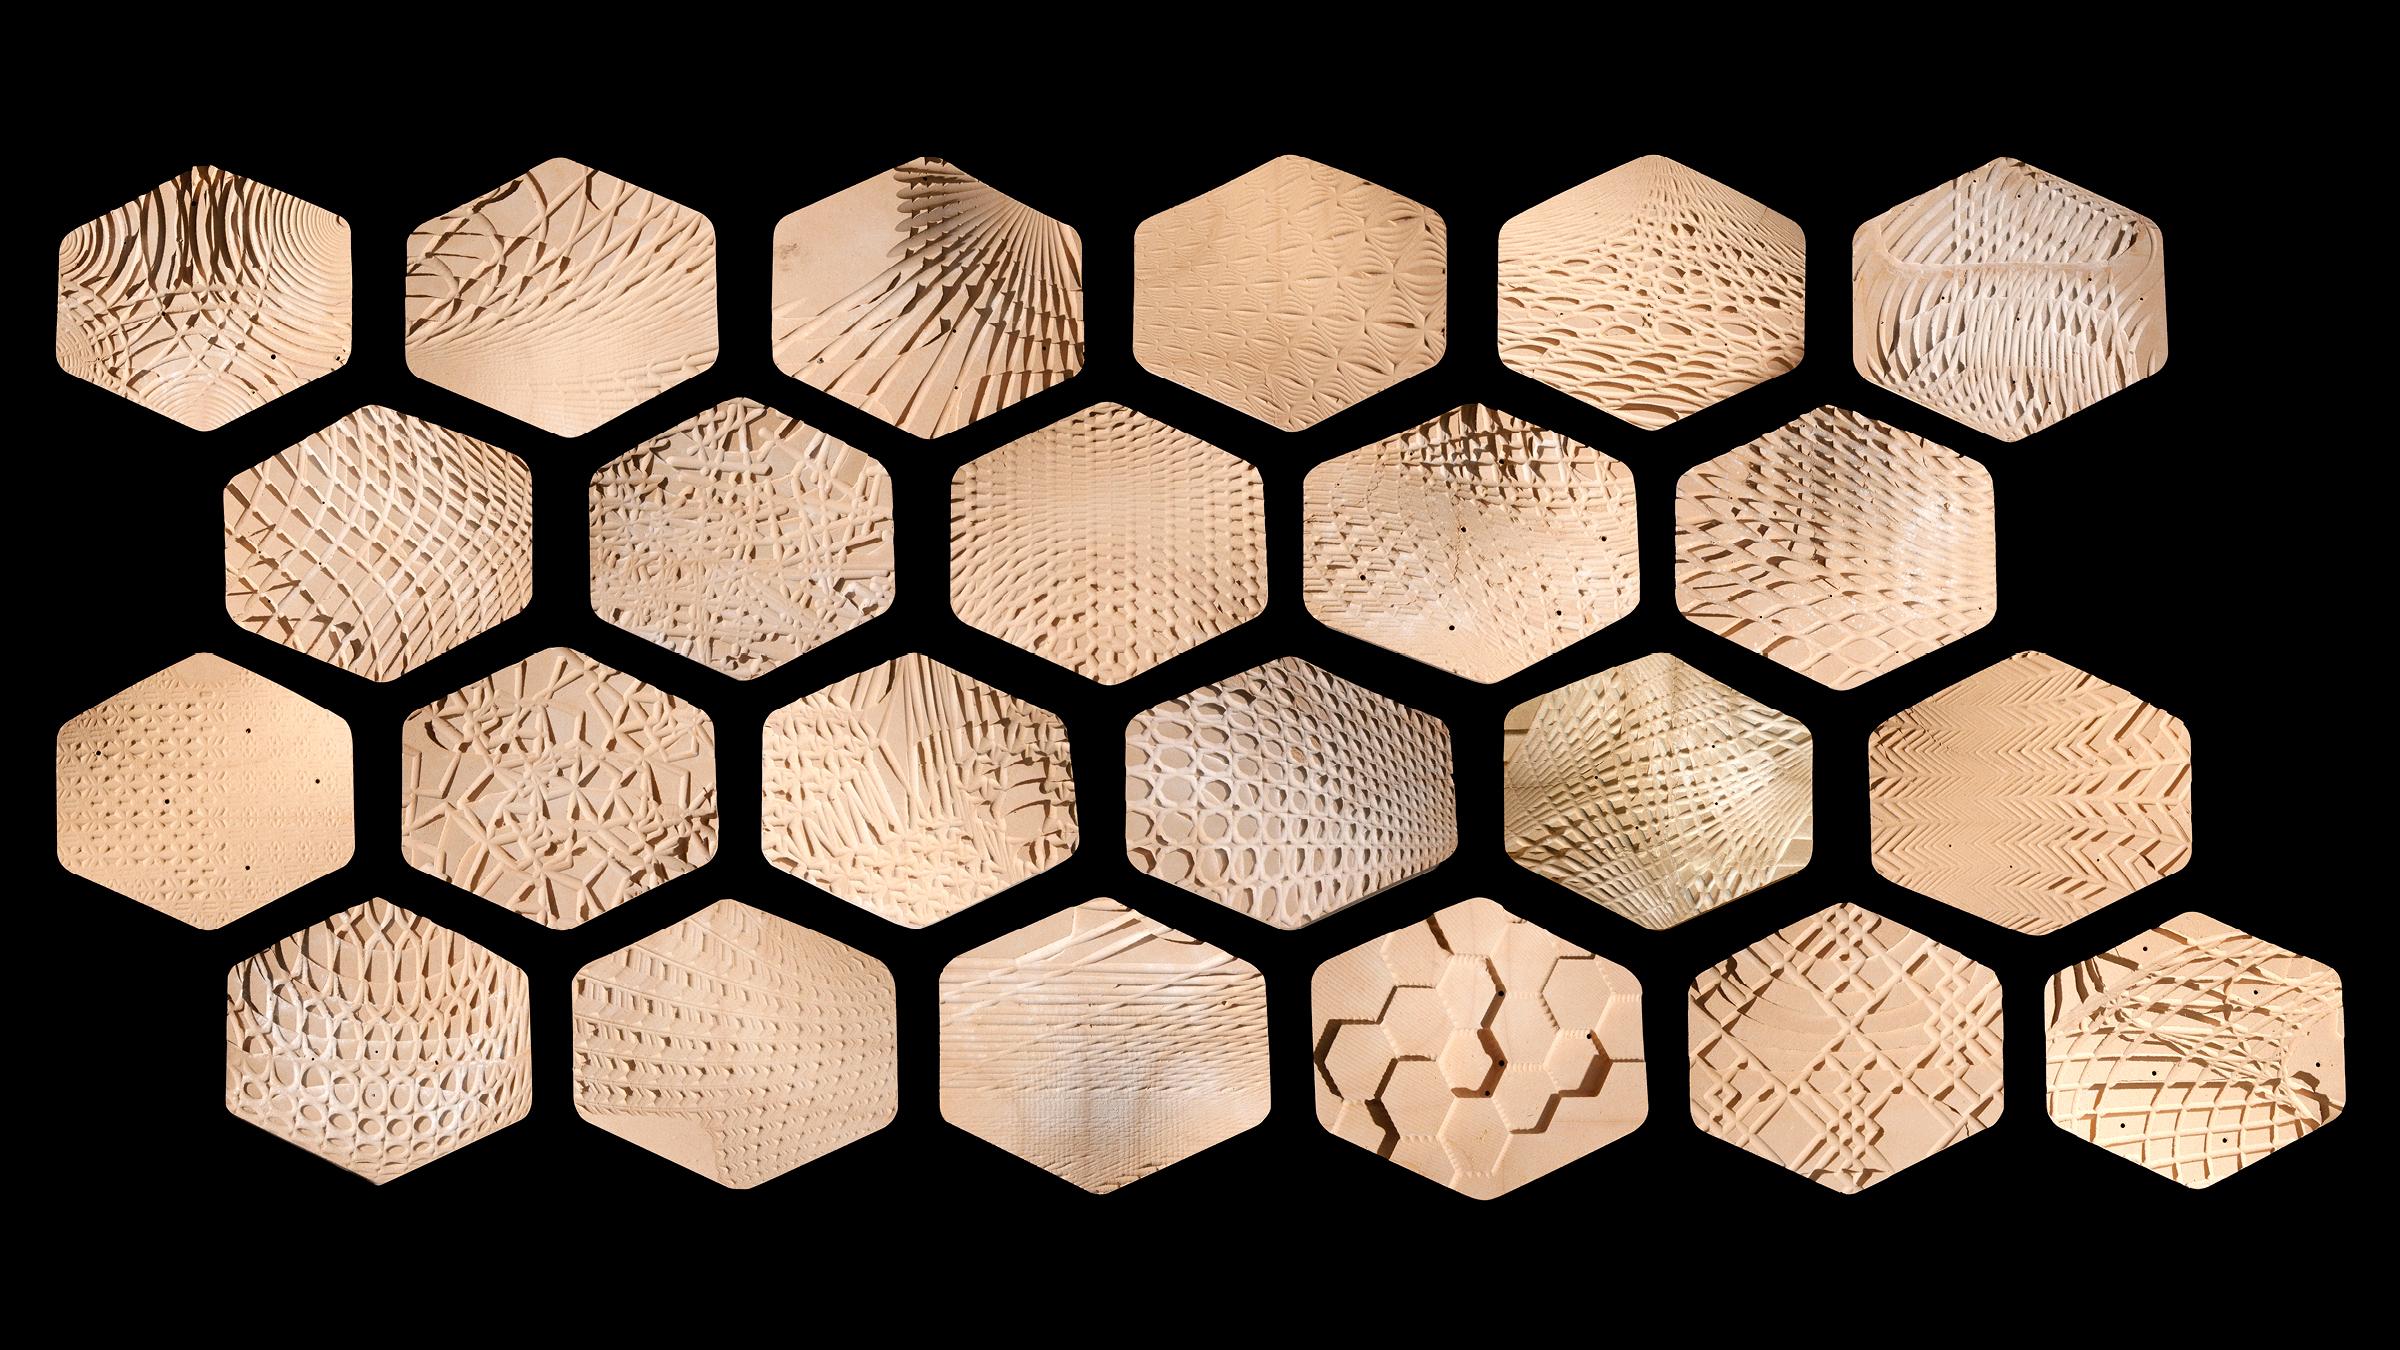 subtractive topogaphies images8.jpg